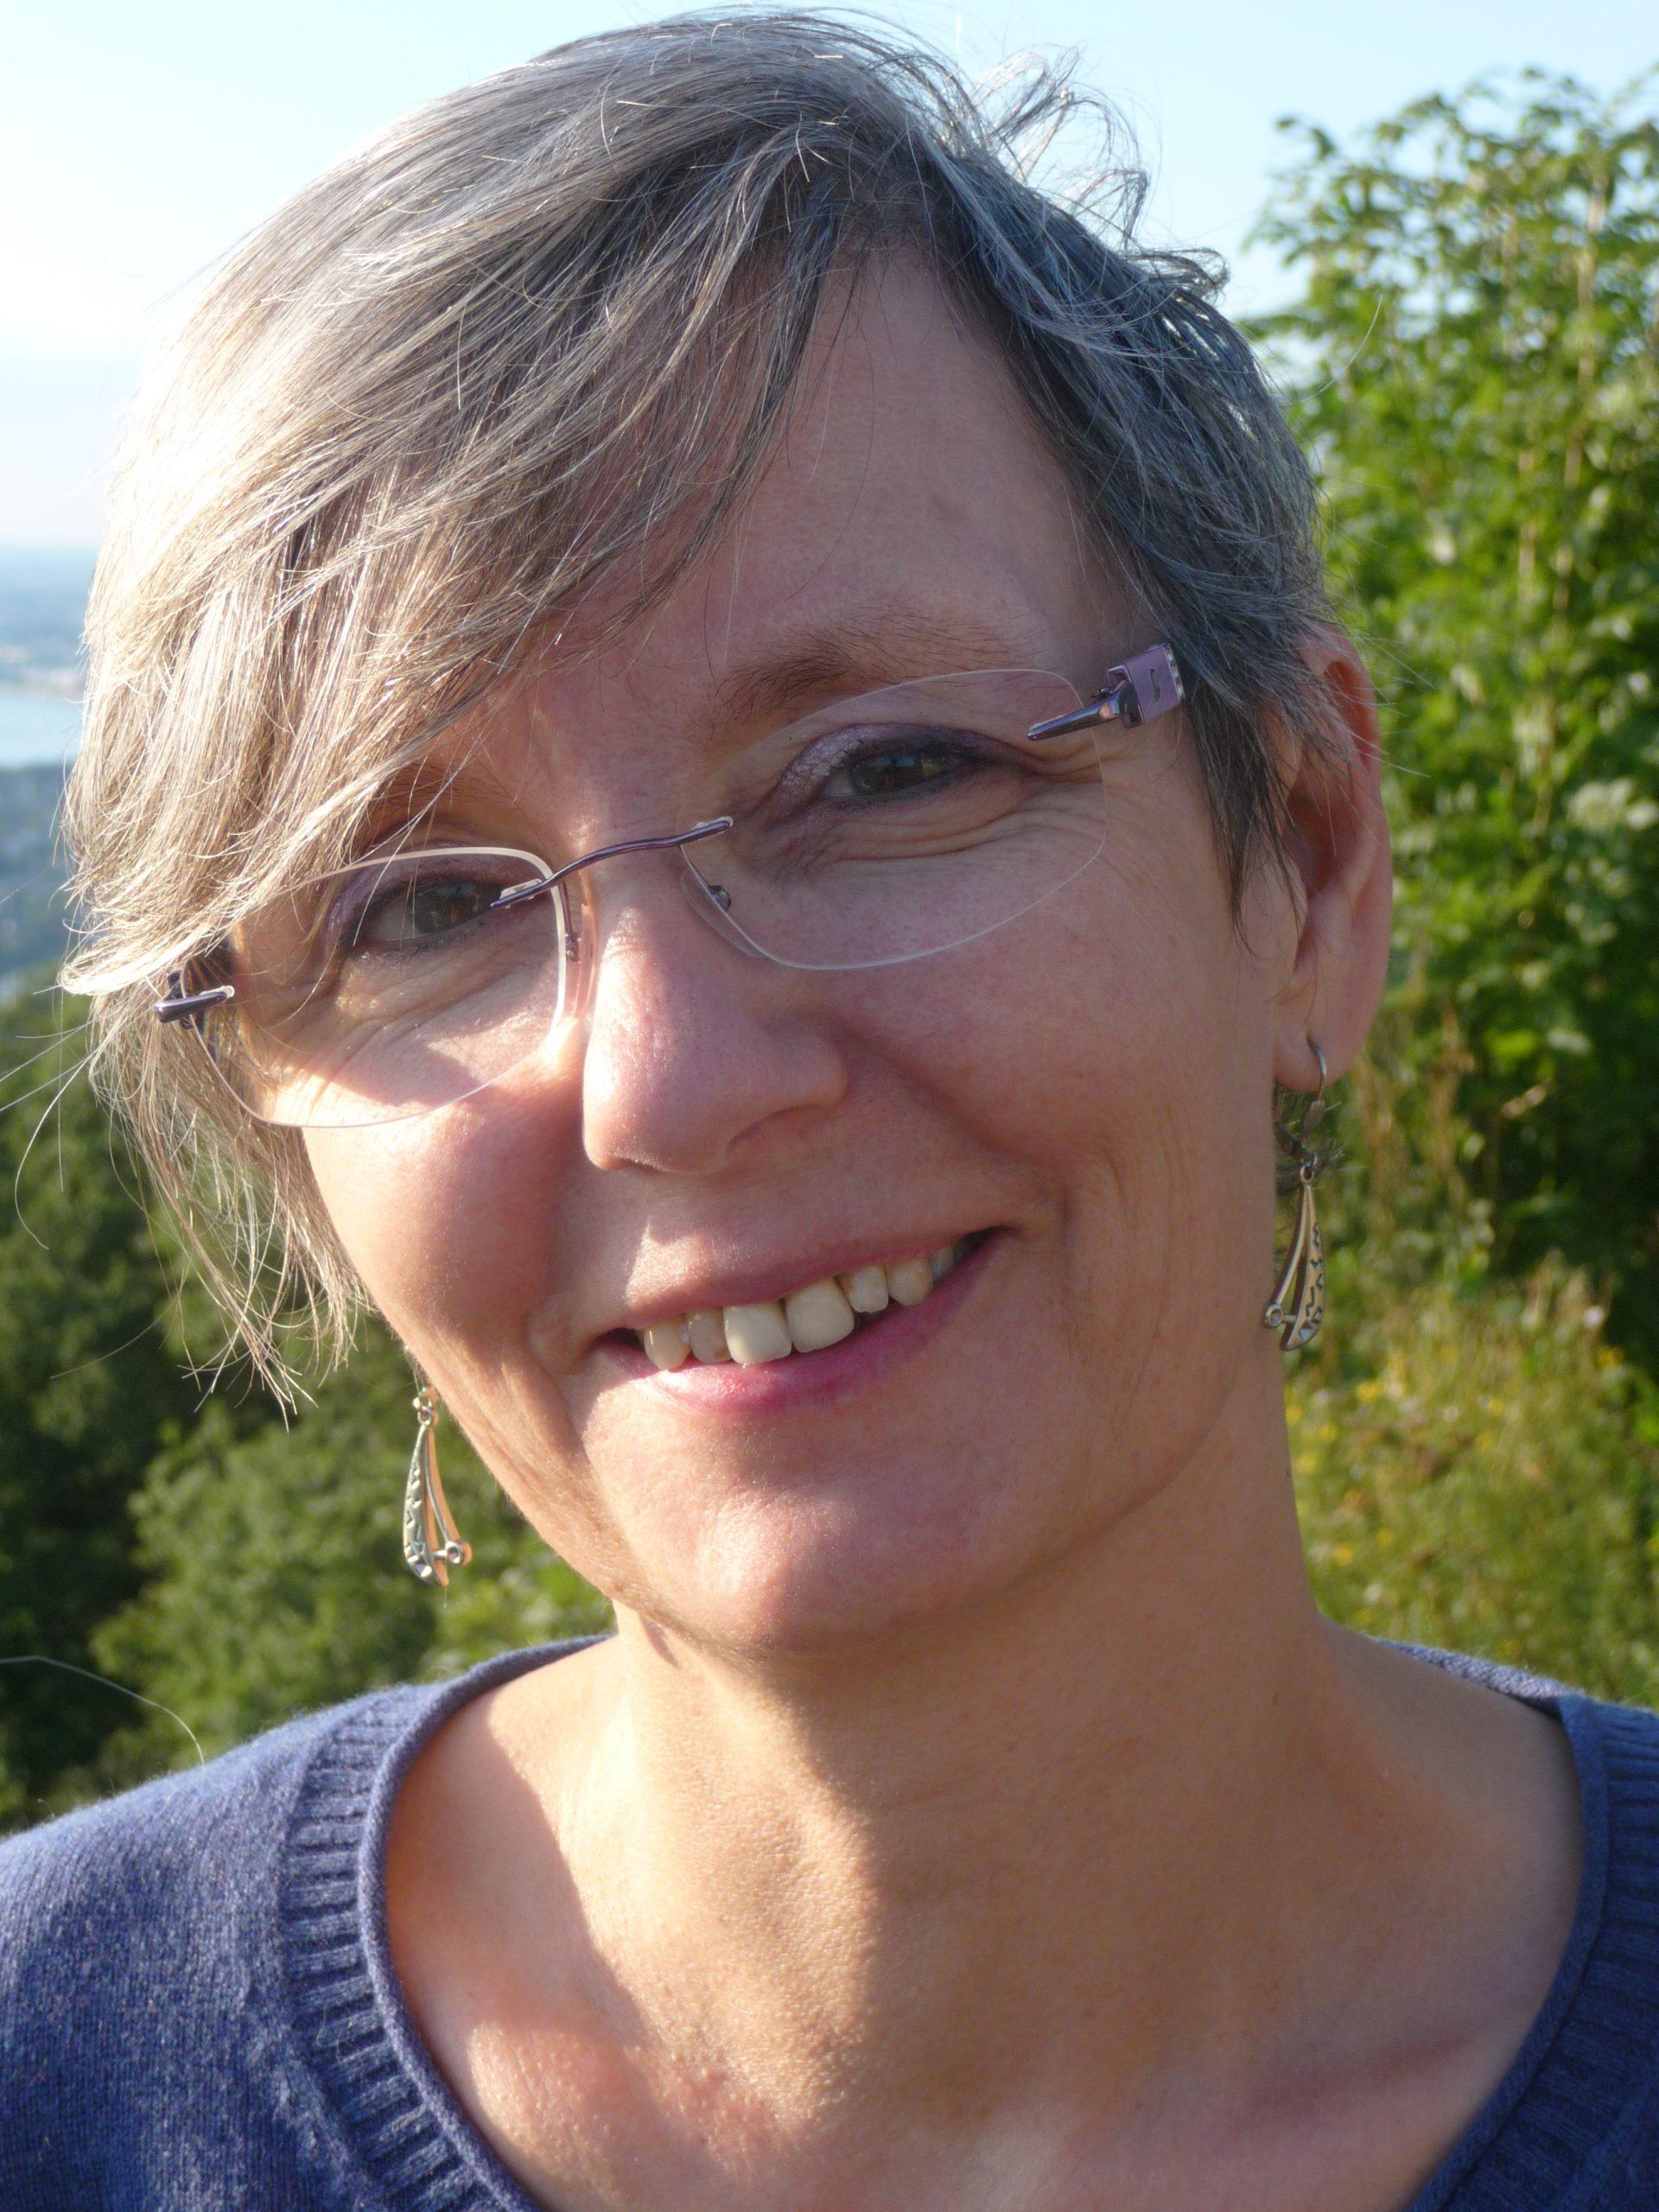 Britta Kanacher, Profilbild, Bild